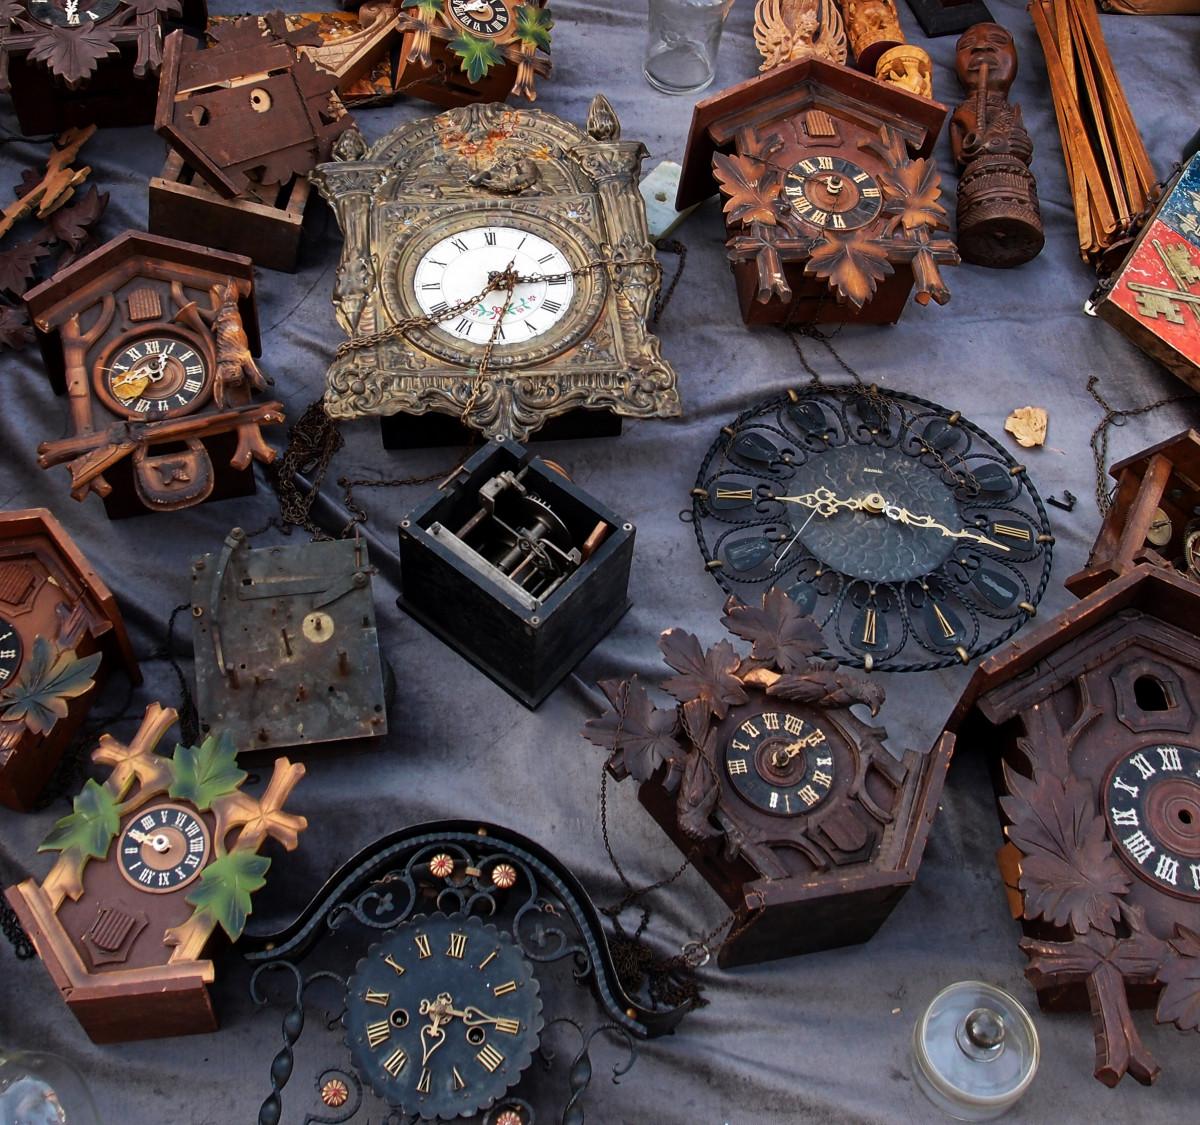 Продать где старые часы в где москве часы ссср продать